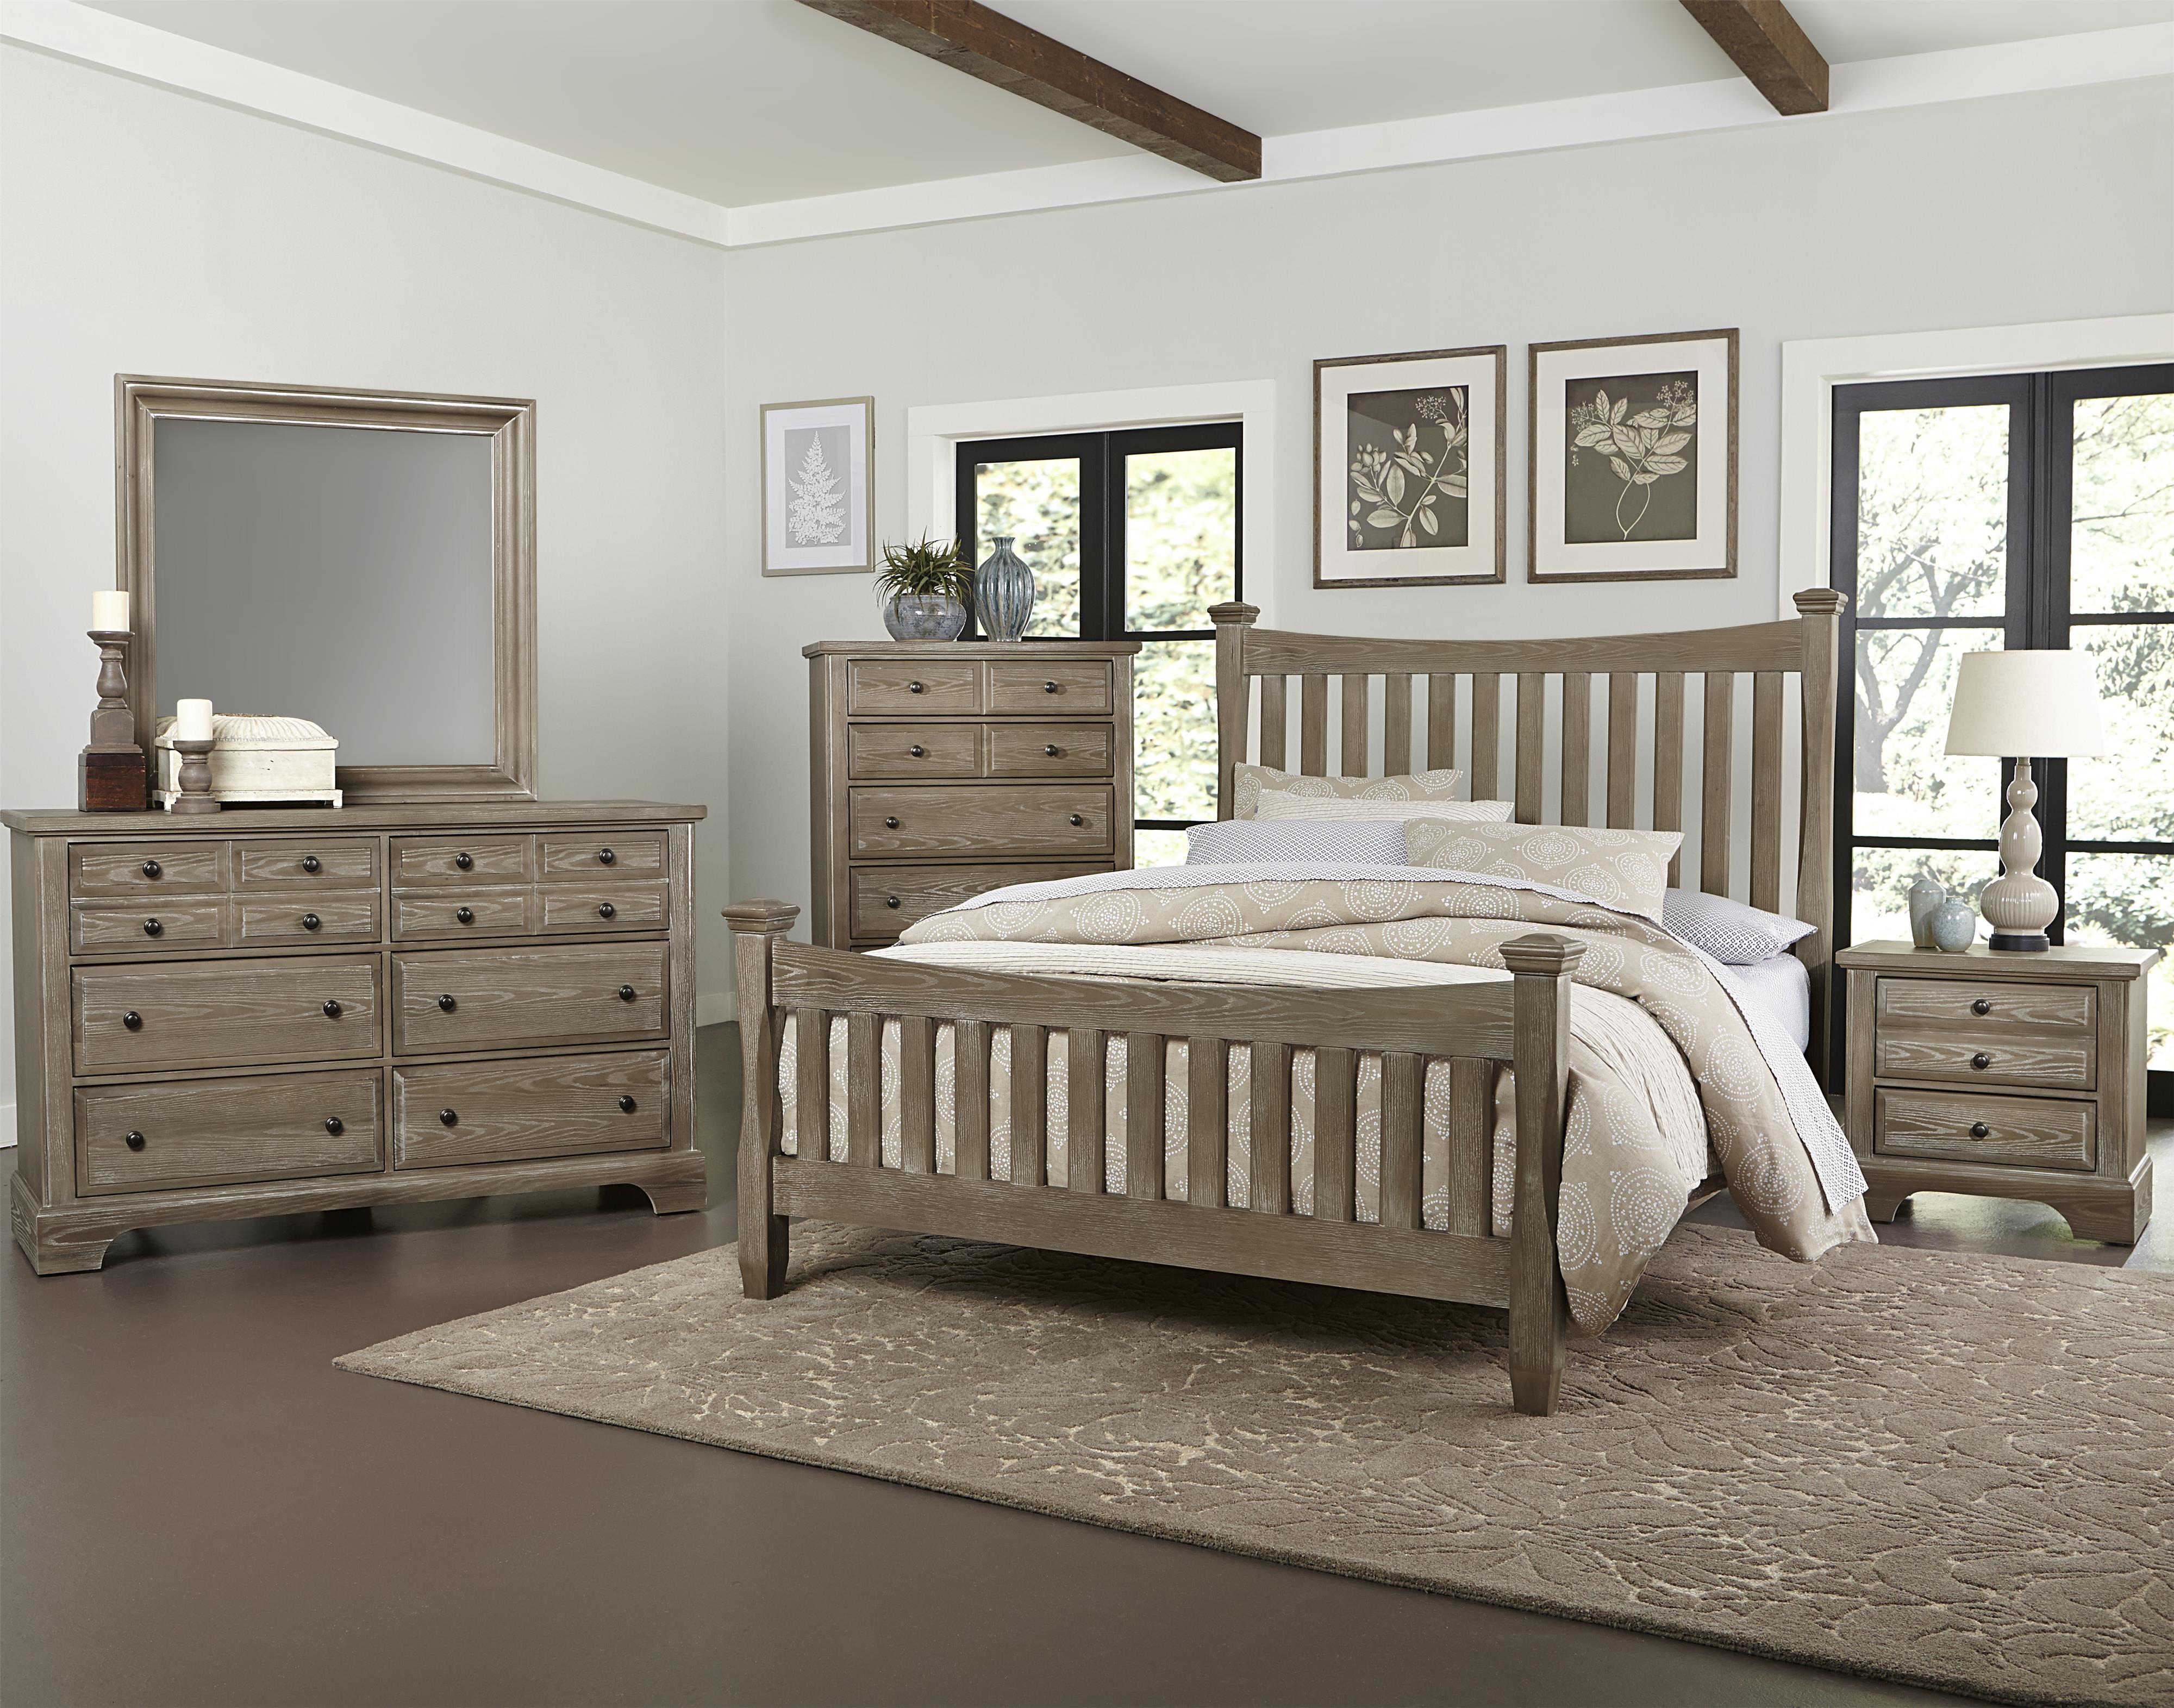 Vaughan Bassett Bedford Queen Bedroom Group - Item Number: BB81 Q Bedroom Group 1